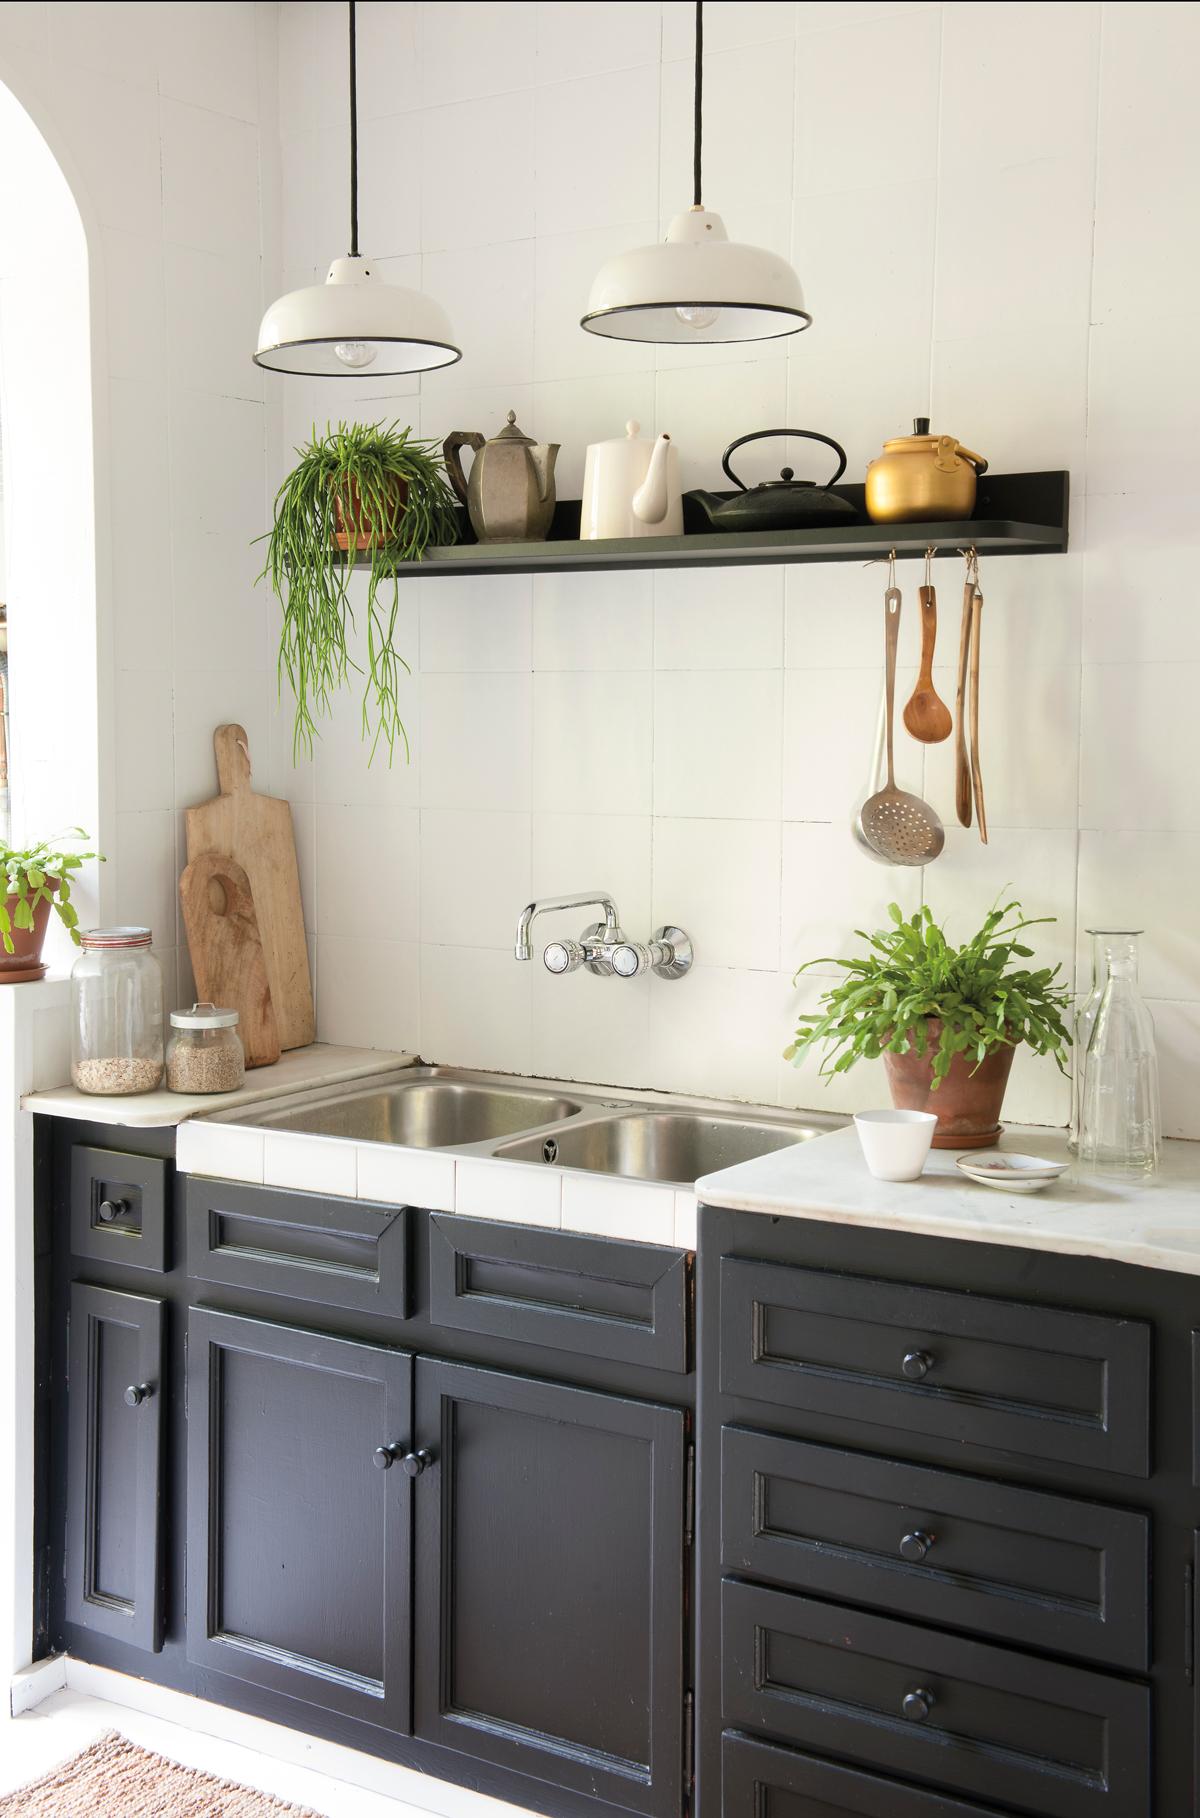 Renueva tu cocina y tu ba o sin grandes obras - Cocinas con azulejos pintados ...